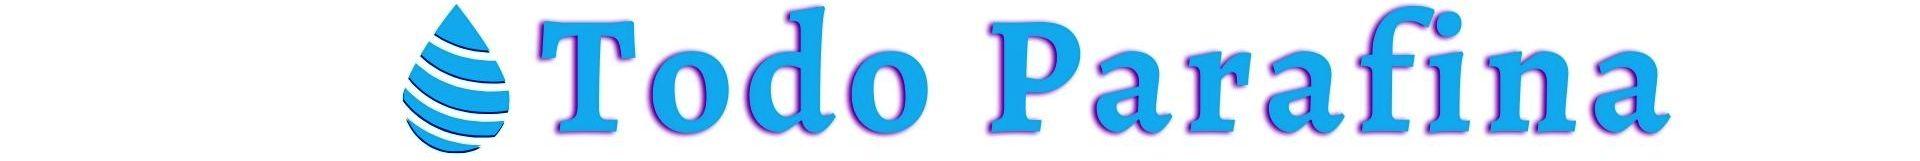 Todo PARAFINA Online